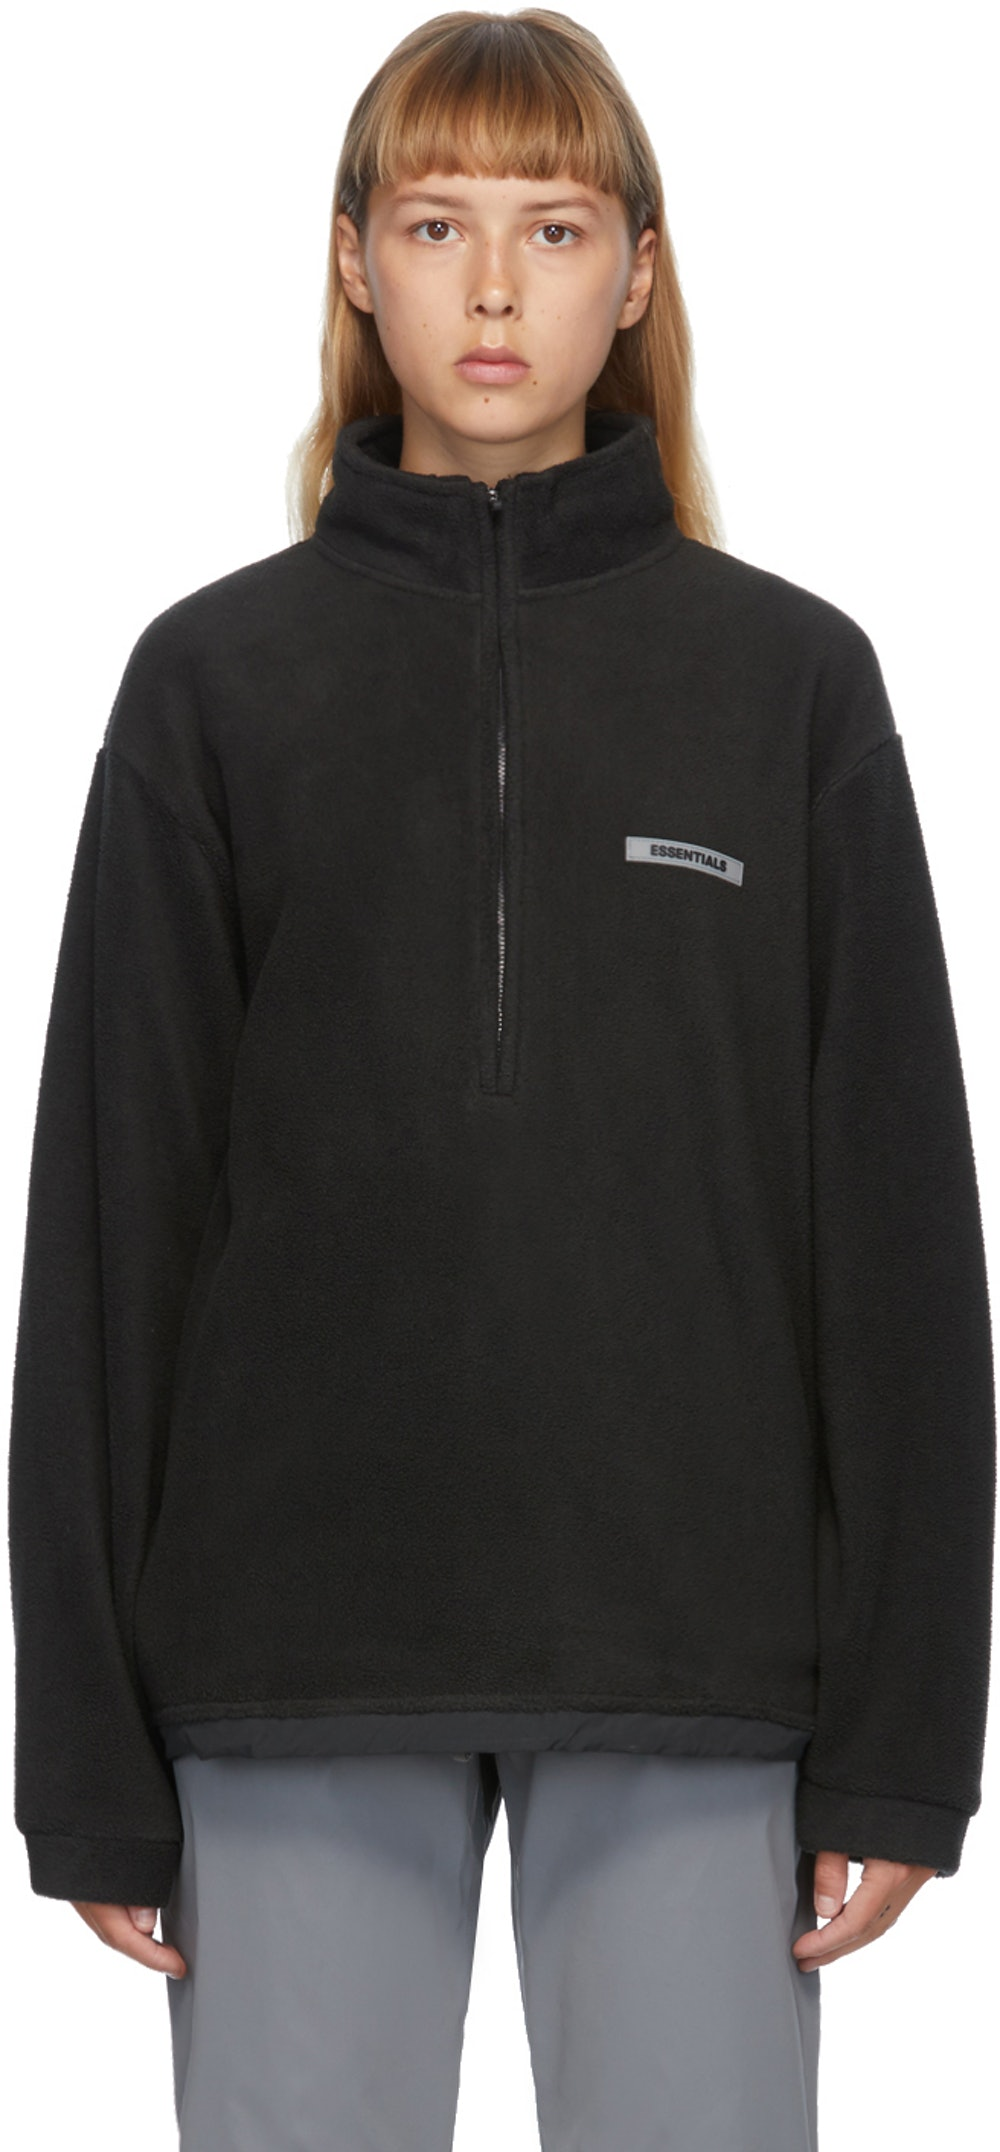 Black Polar Fleece Sweater